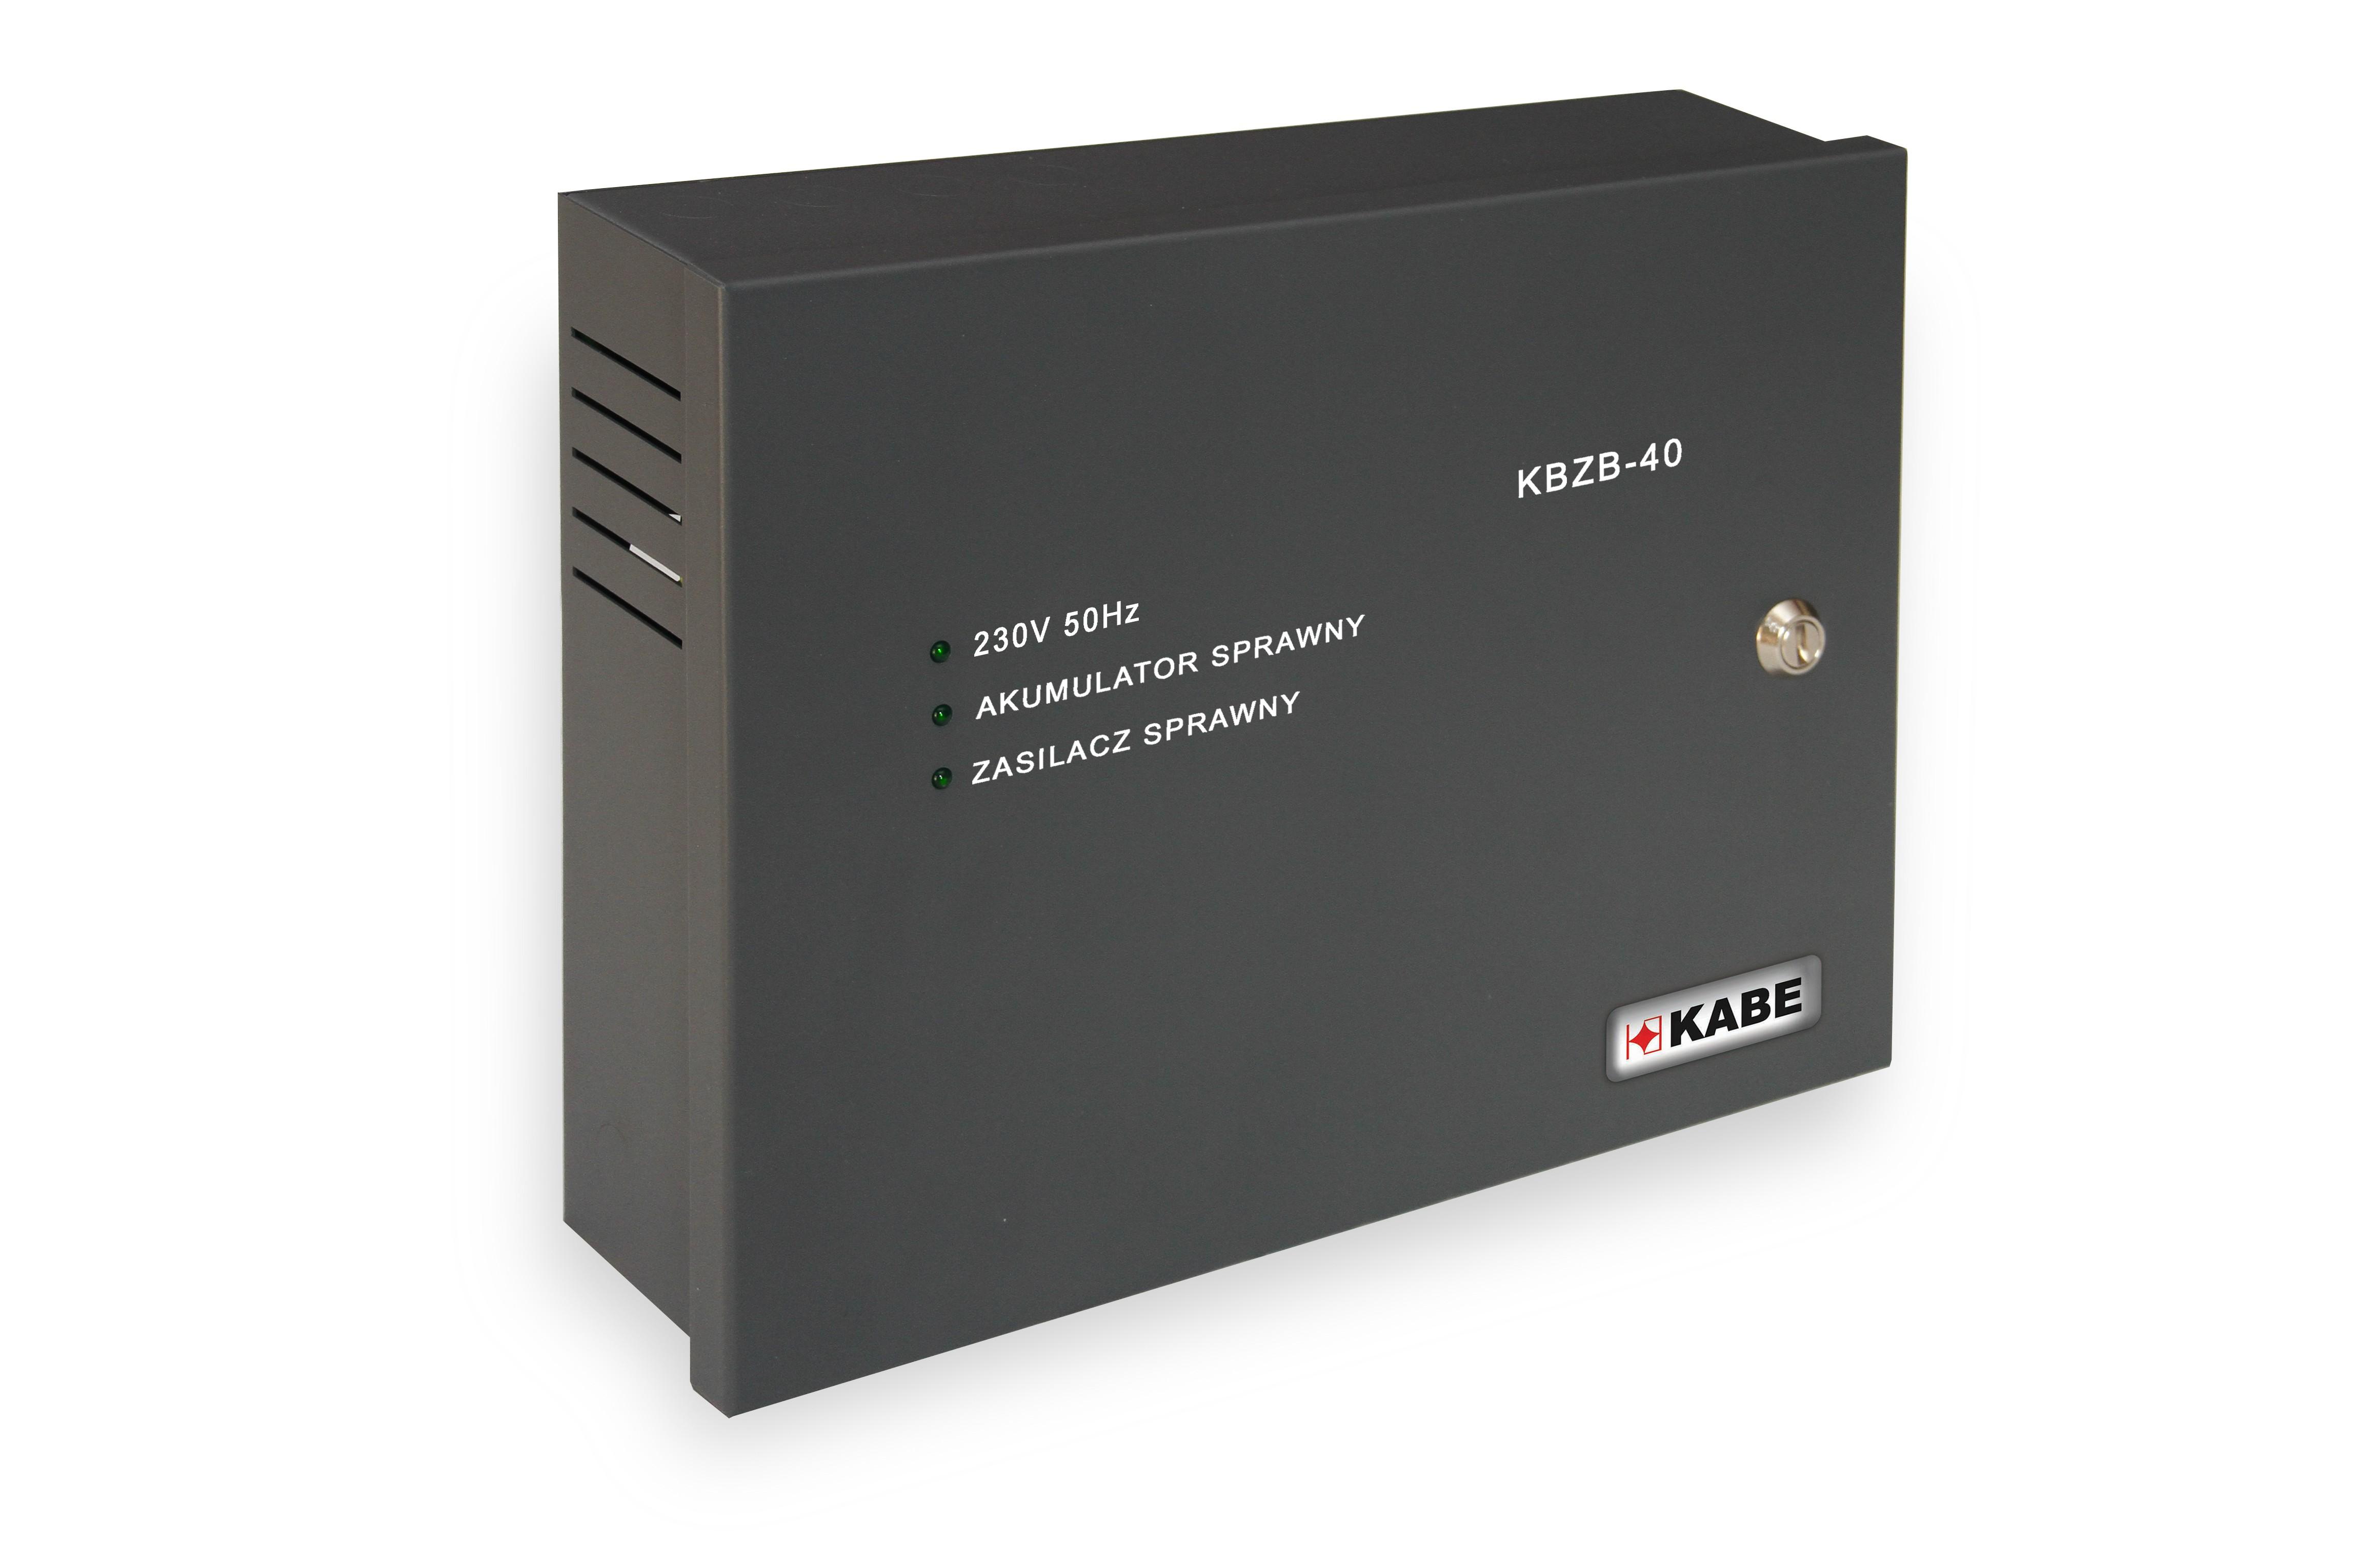 Zasilacz buforowy KBZB-40 3,7A/40Ah